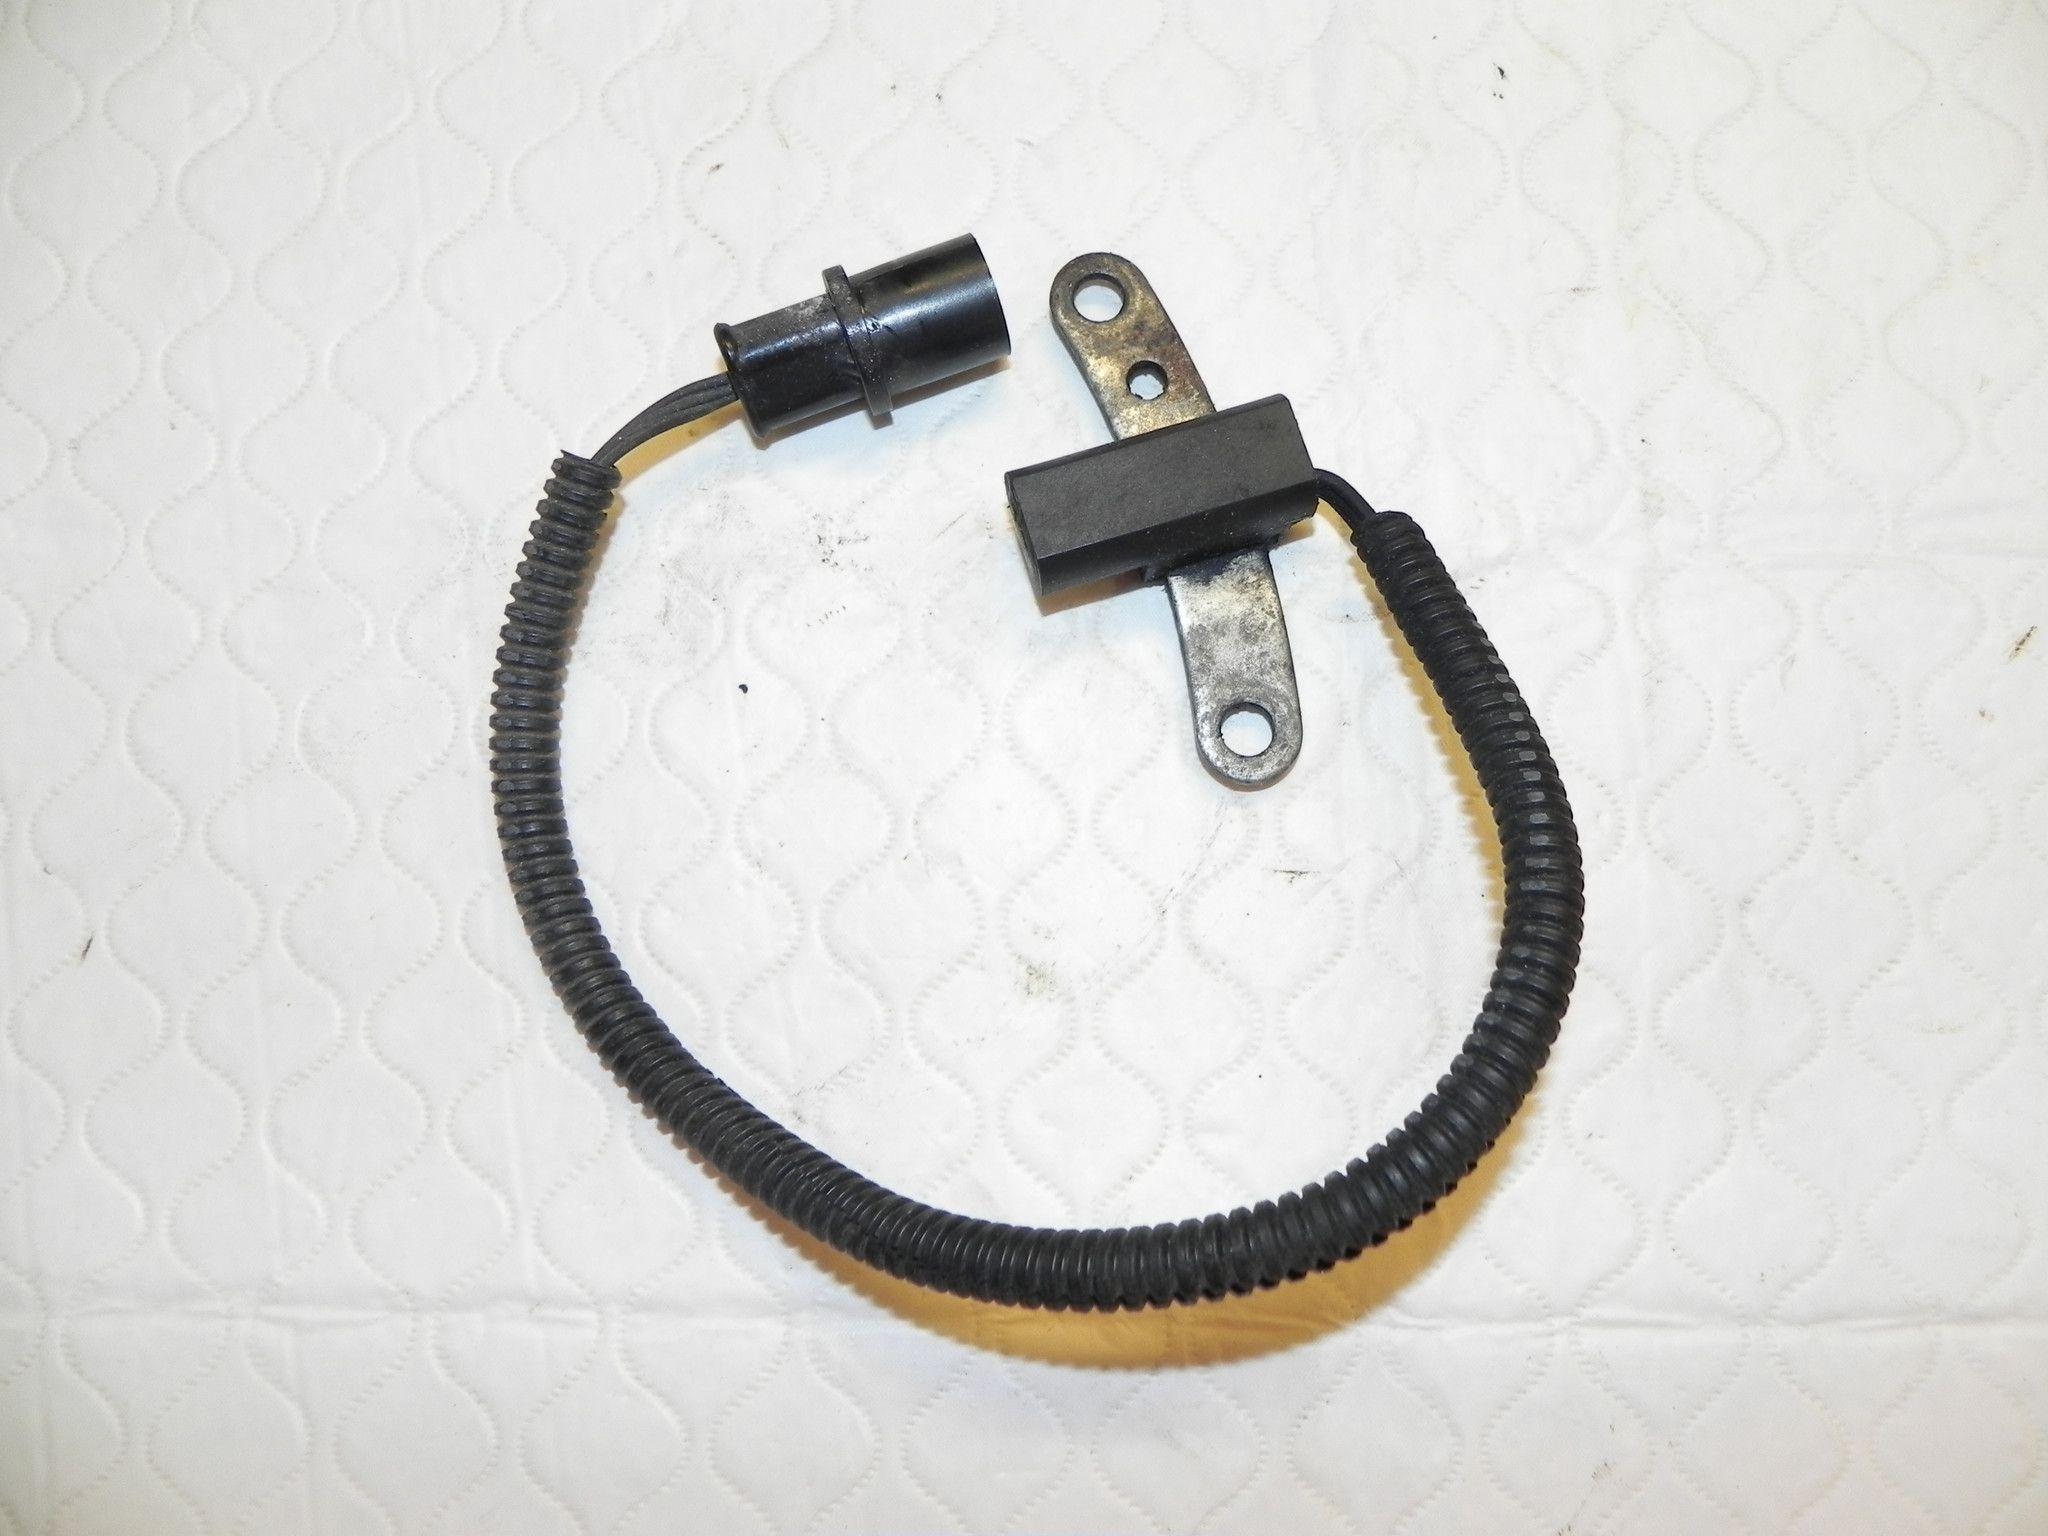 Engine Crankshaft Position Sensor Pc127t Crankshaft Position Sensor Engineering Jeep Grand